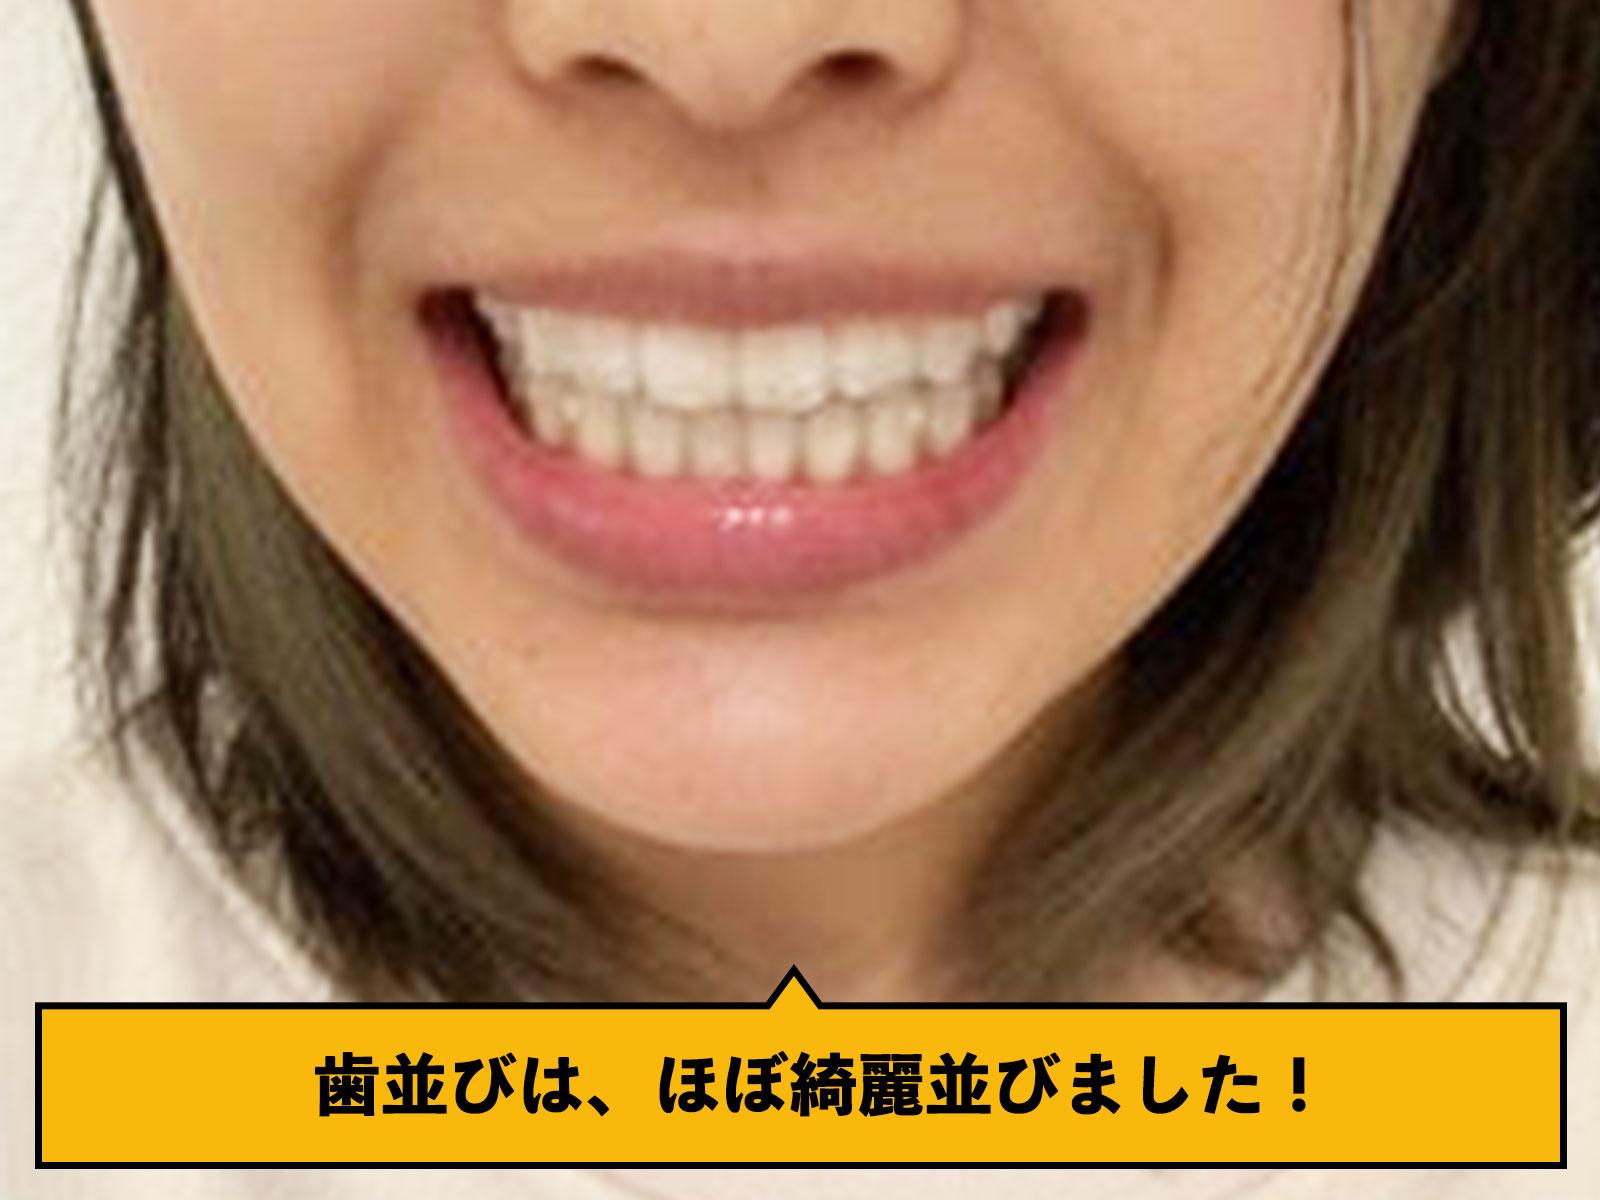 歯並び綺麗に